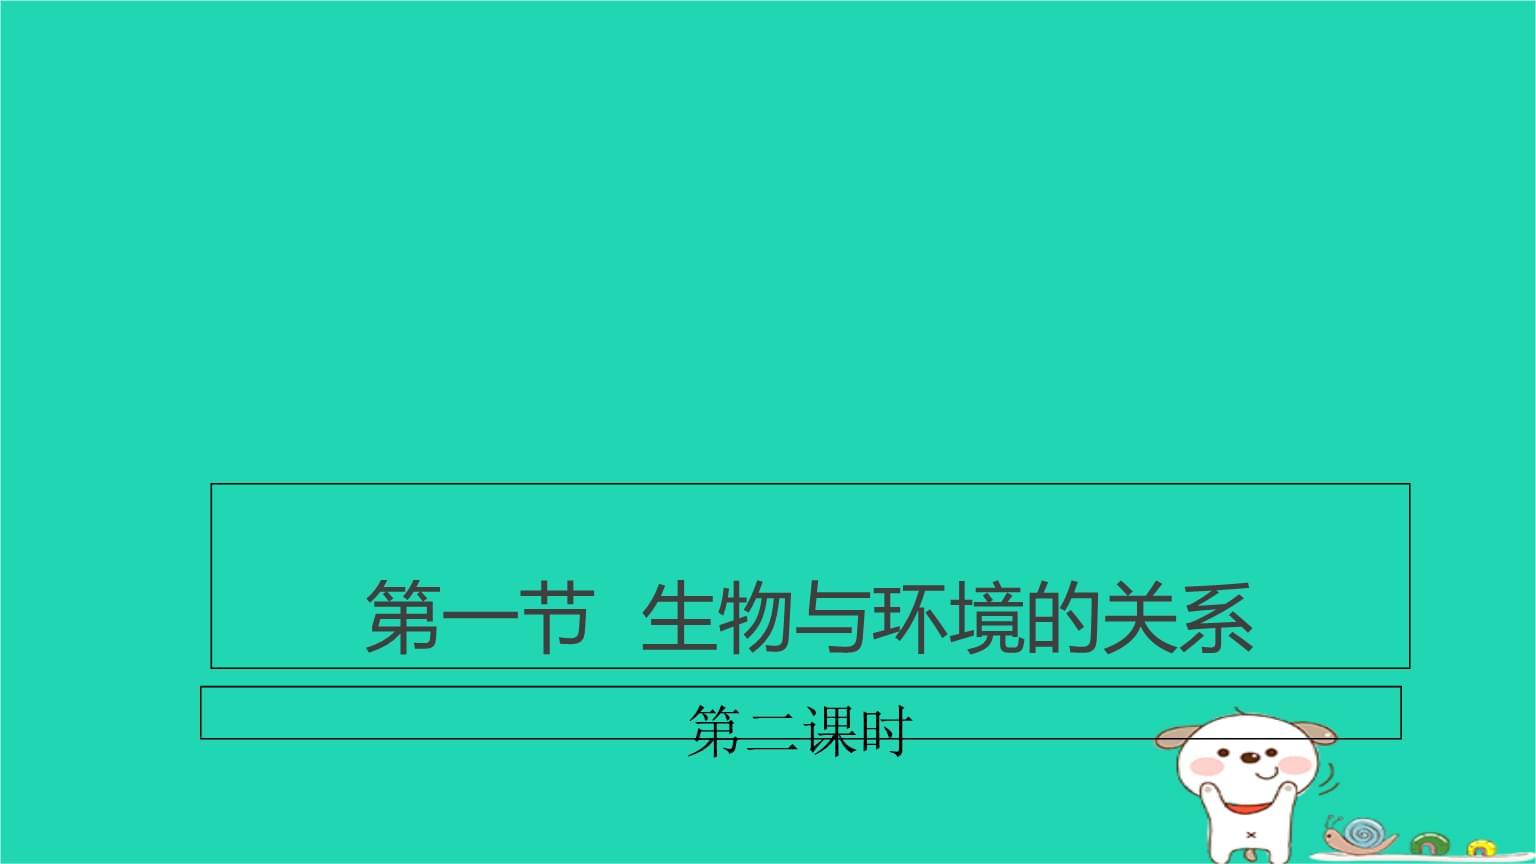 七年级生物上册_1.2.1《生物与环境的关系》(第2课时)课件 (新版)新人教版.ppt